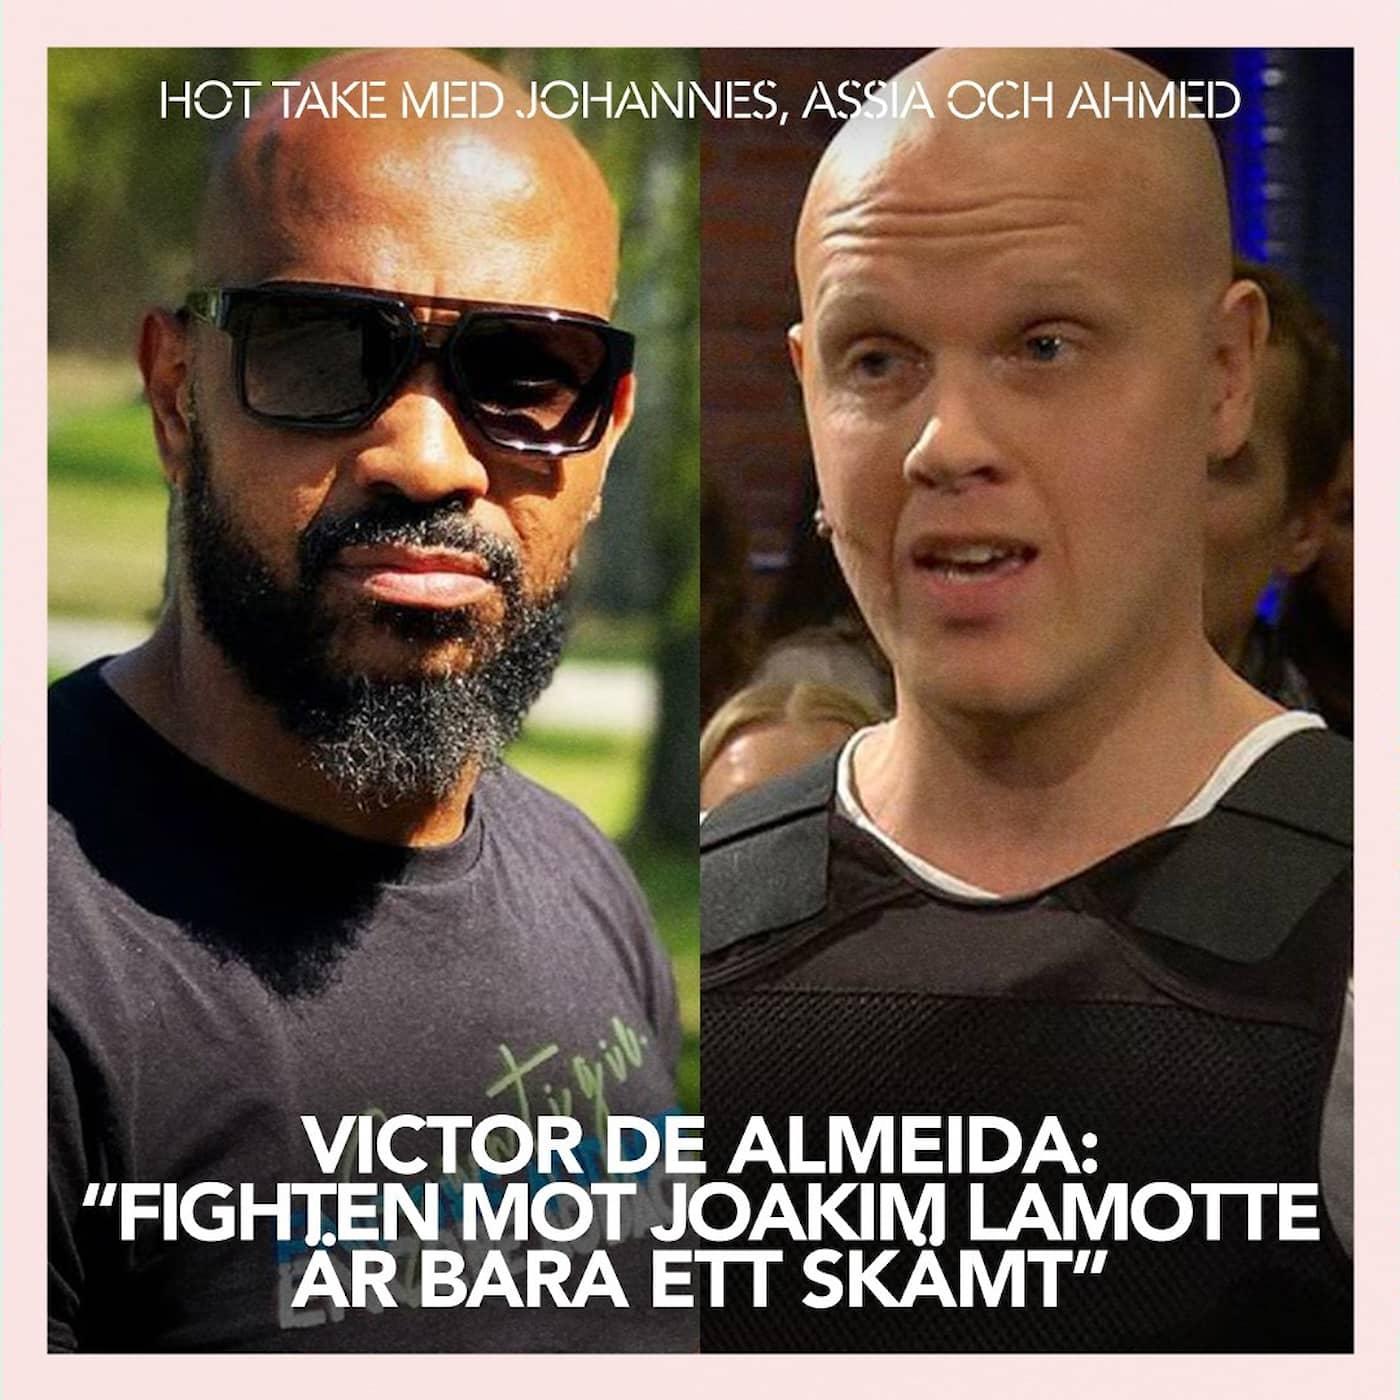 """Victor de Almeida: """"Fighten mot Joakim Lamotte är bara ett skämt"""""""